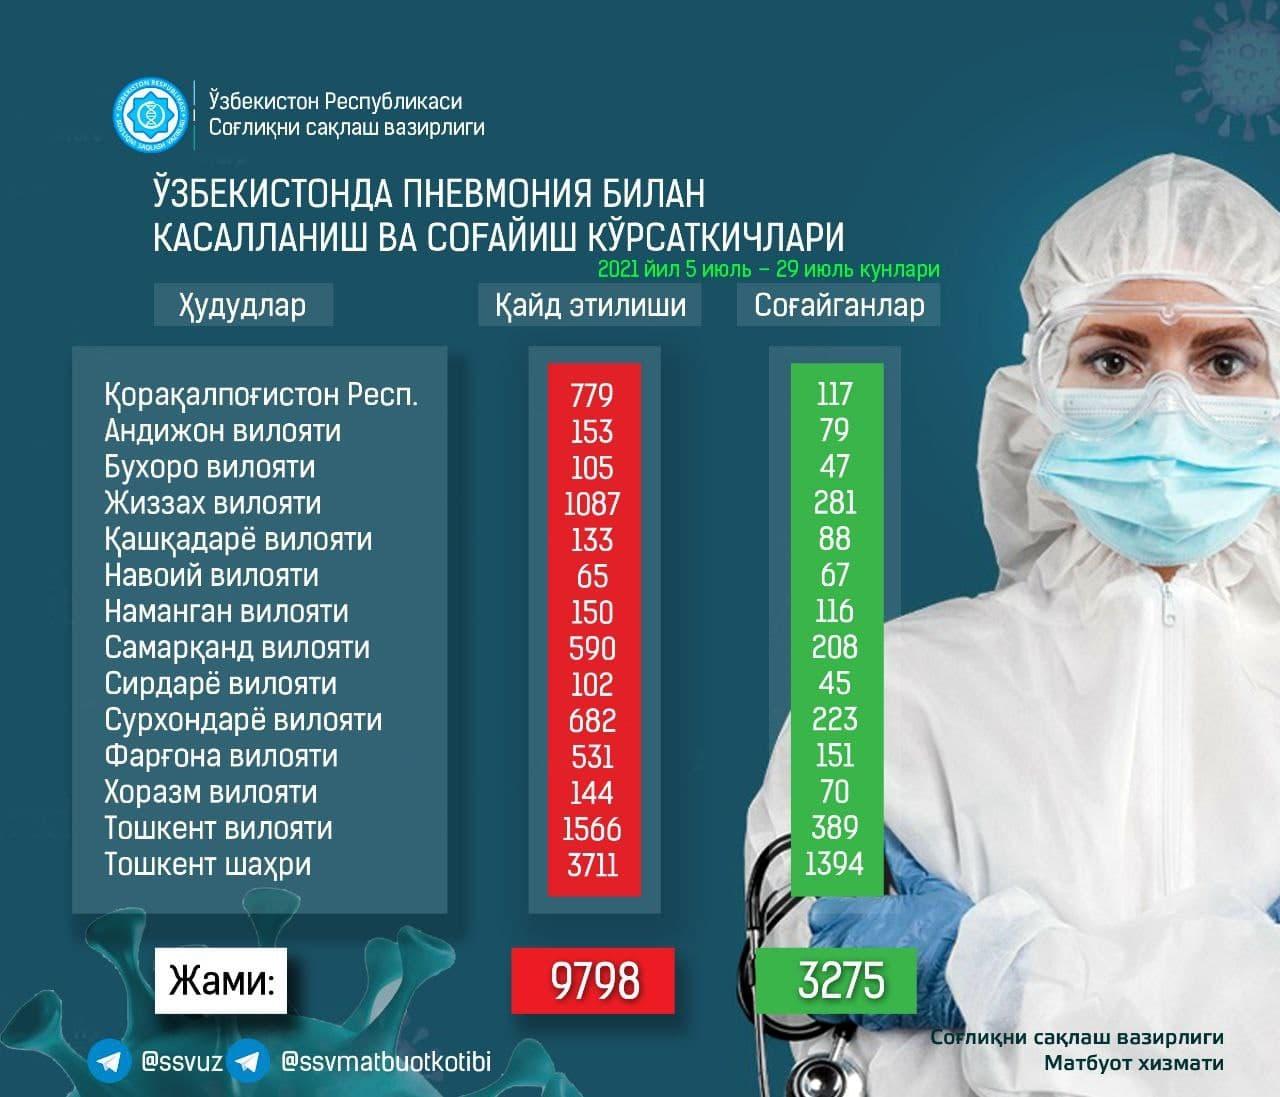 По республике за последние сутки выявлено сотни заражений пневмонией — статистика